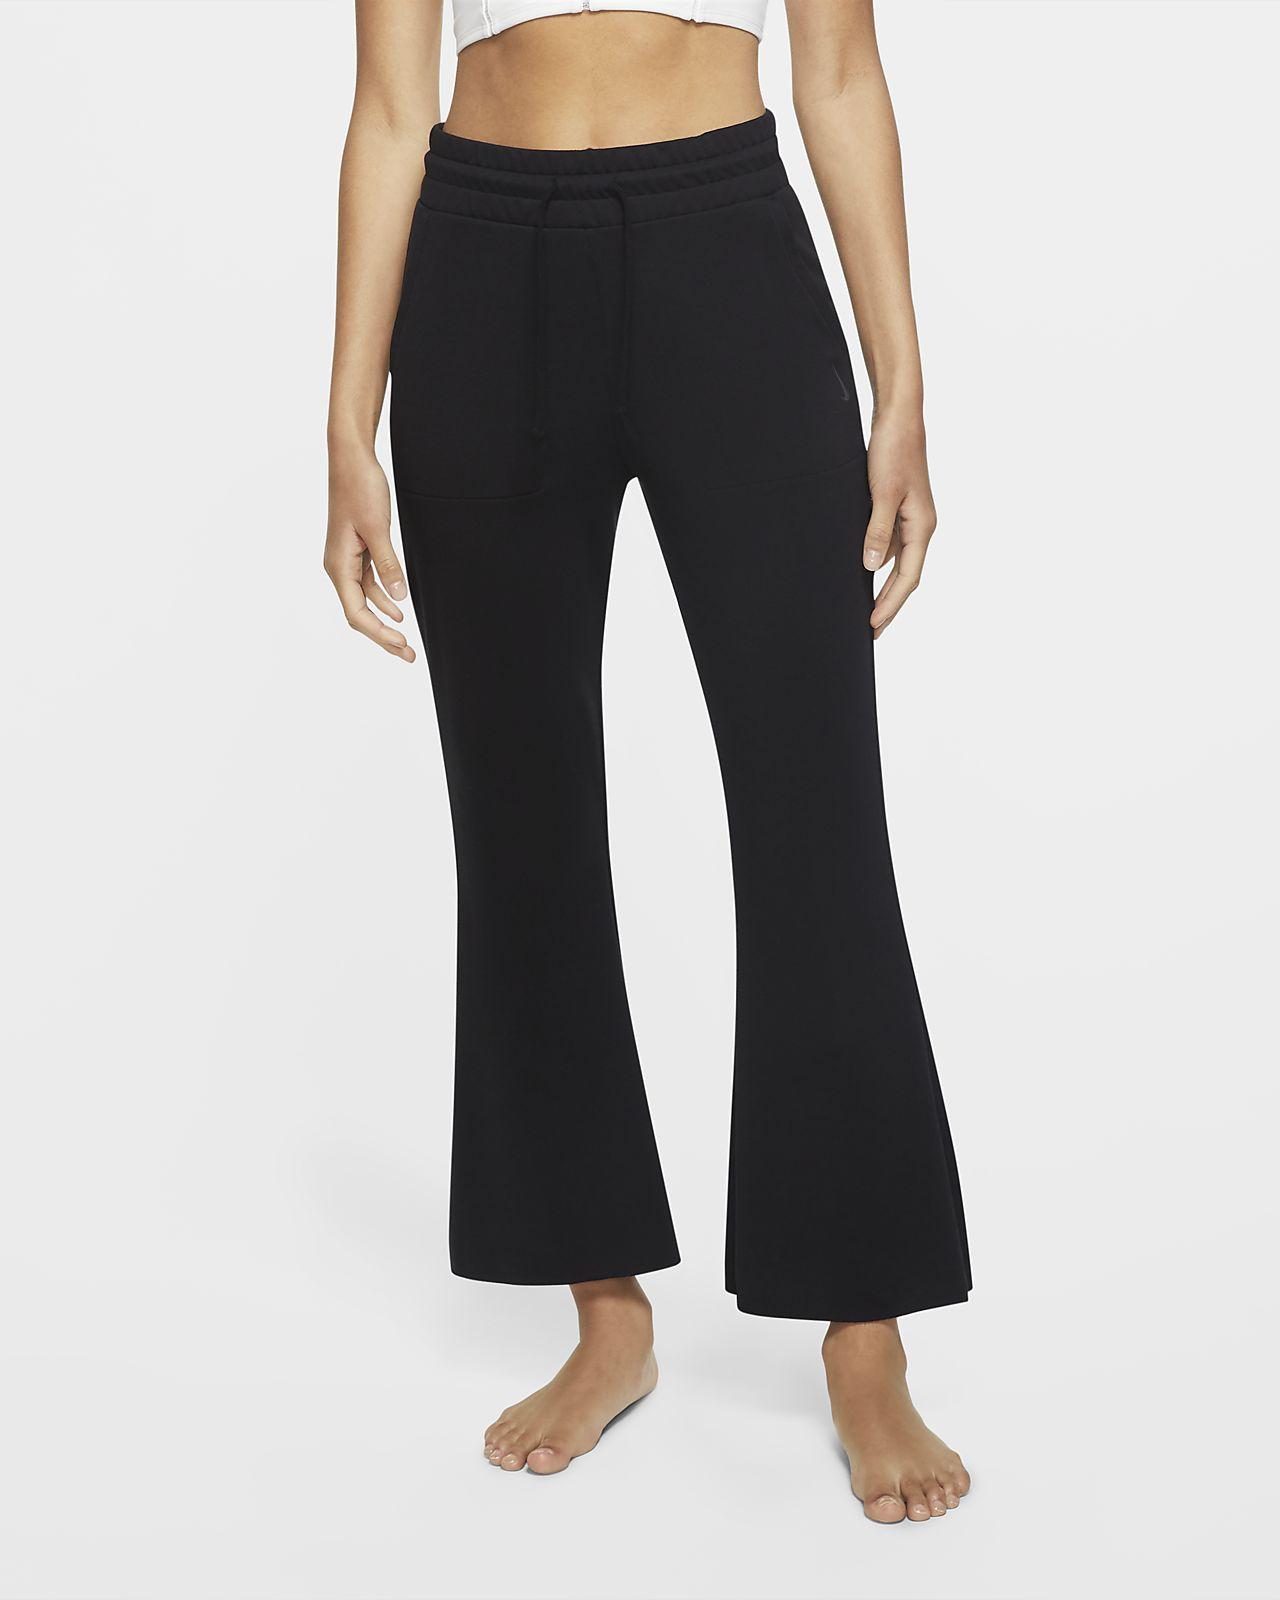 Pantalon 7/8 Nike Yoga pour Femme